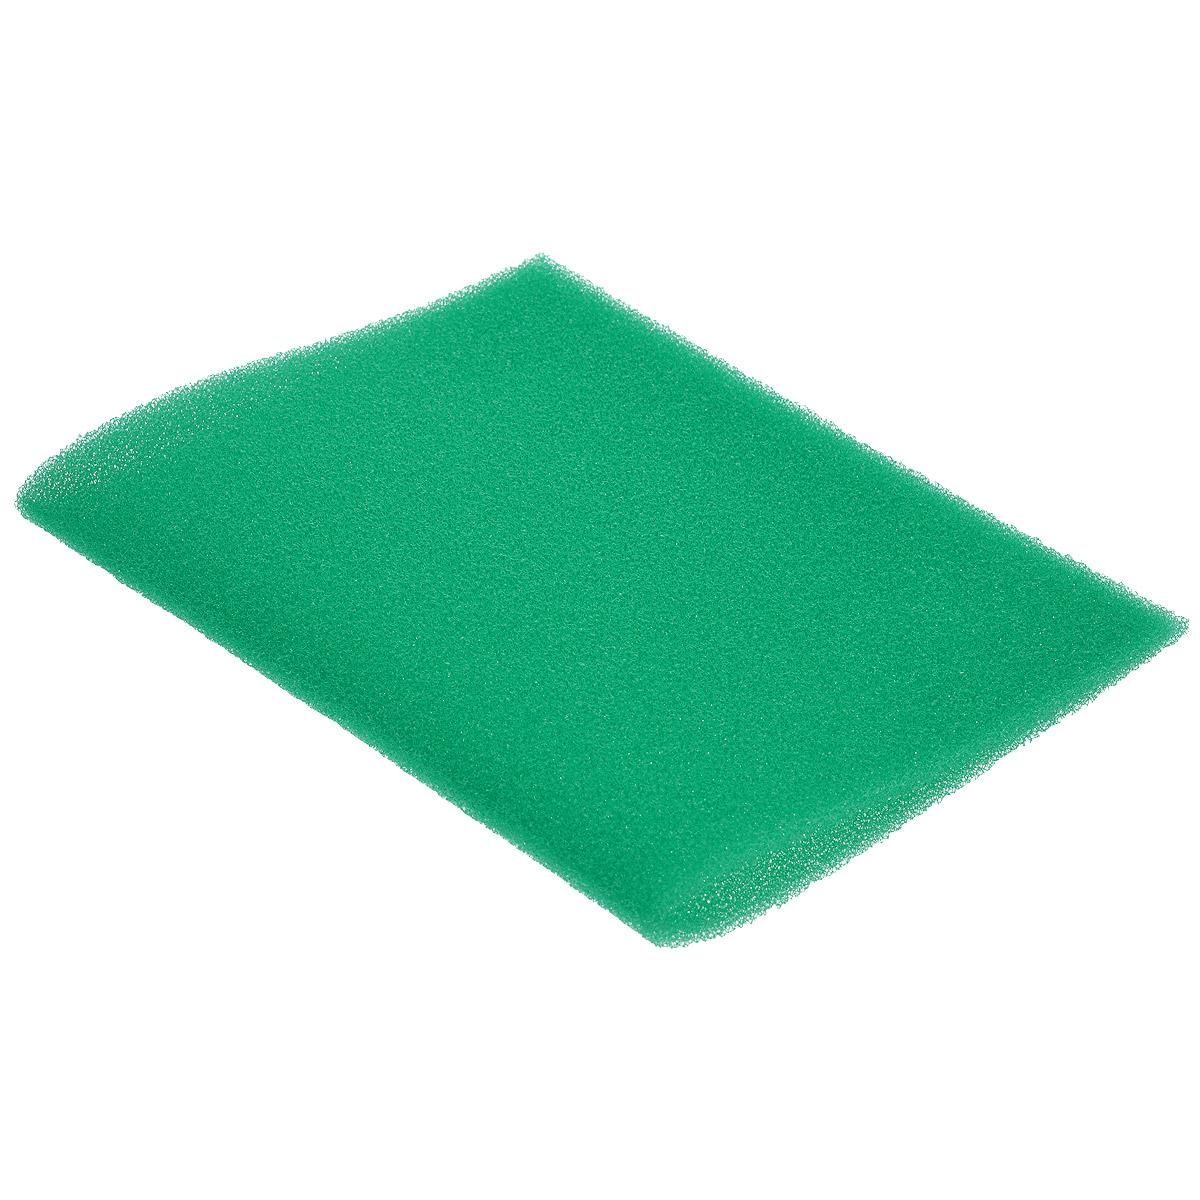 Коврик для холодильника  Magic Power , антибактериальный, цвет: зеленый, 49 см х 32 см -  Защита пола